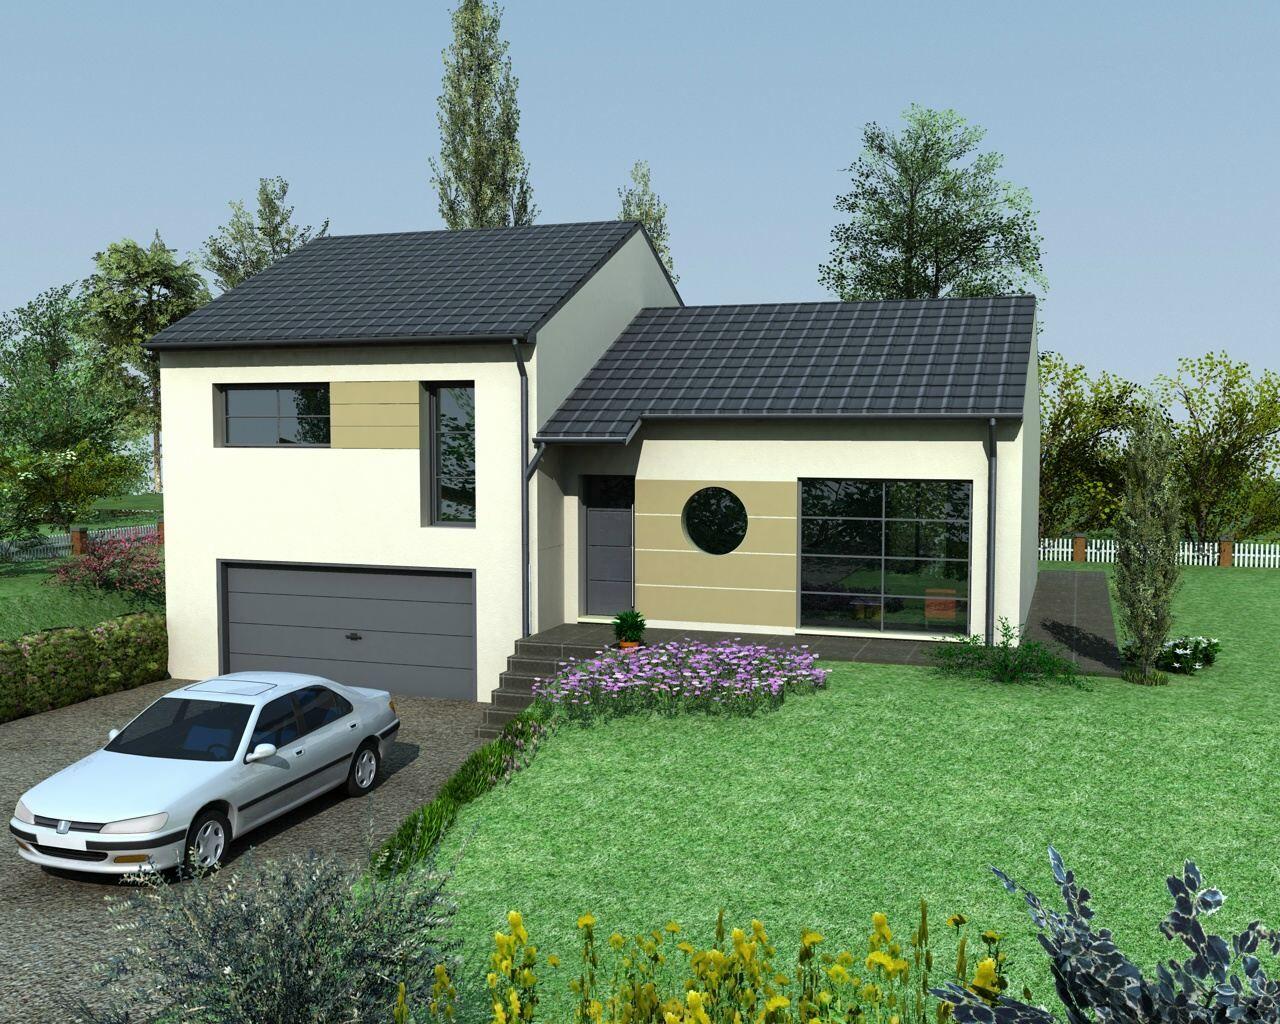 Plan maison sous sol complet mc36 vente maison sur for Modele maison avec sous sol complet